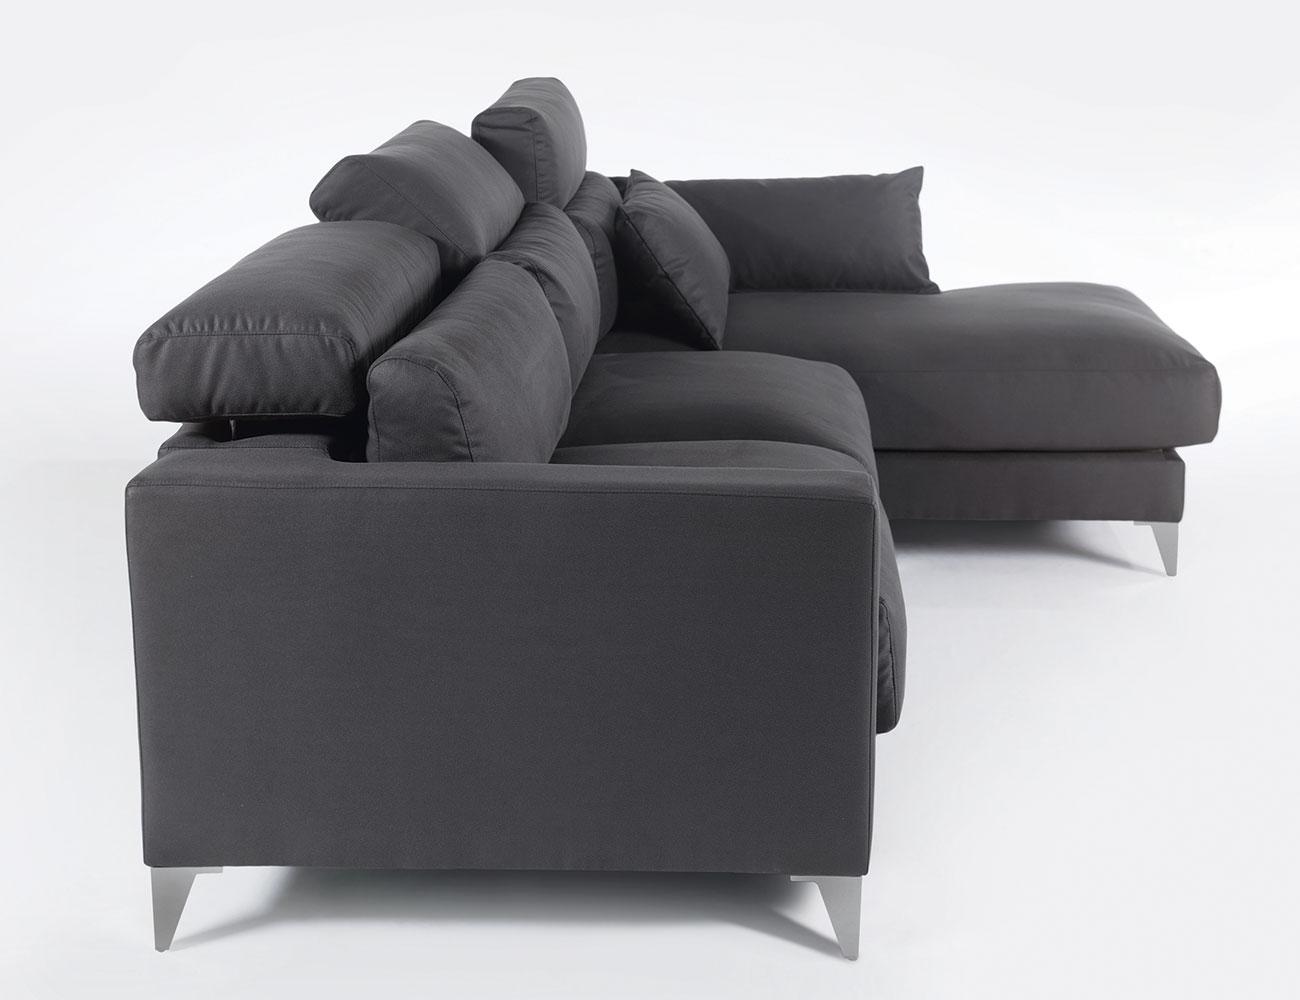 Sofa chaiselongue gran lujo decorativo grafito 1